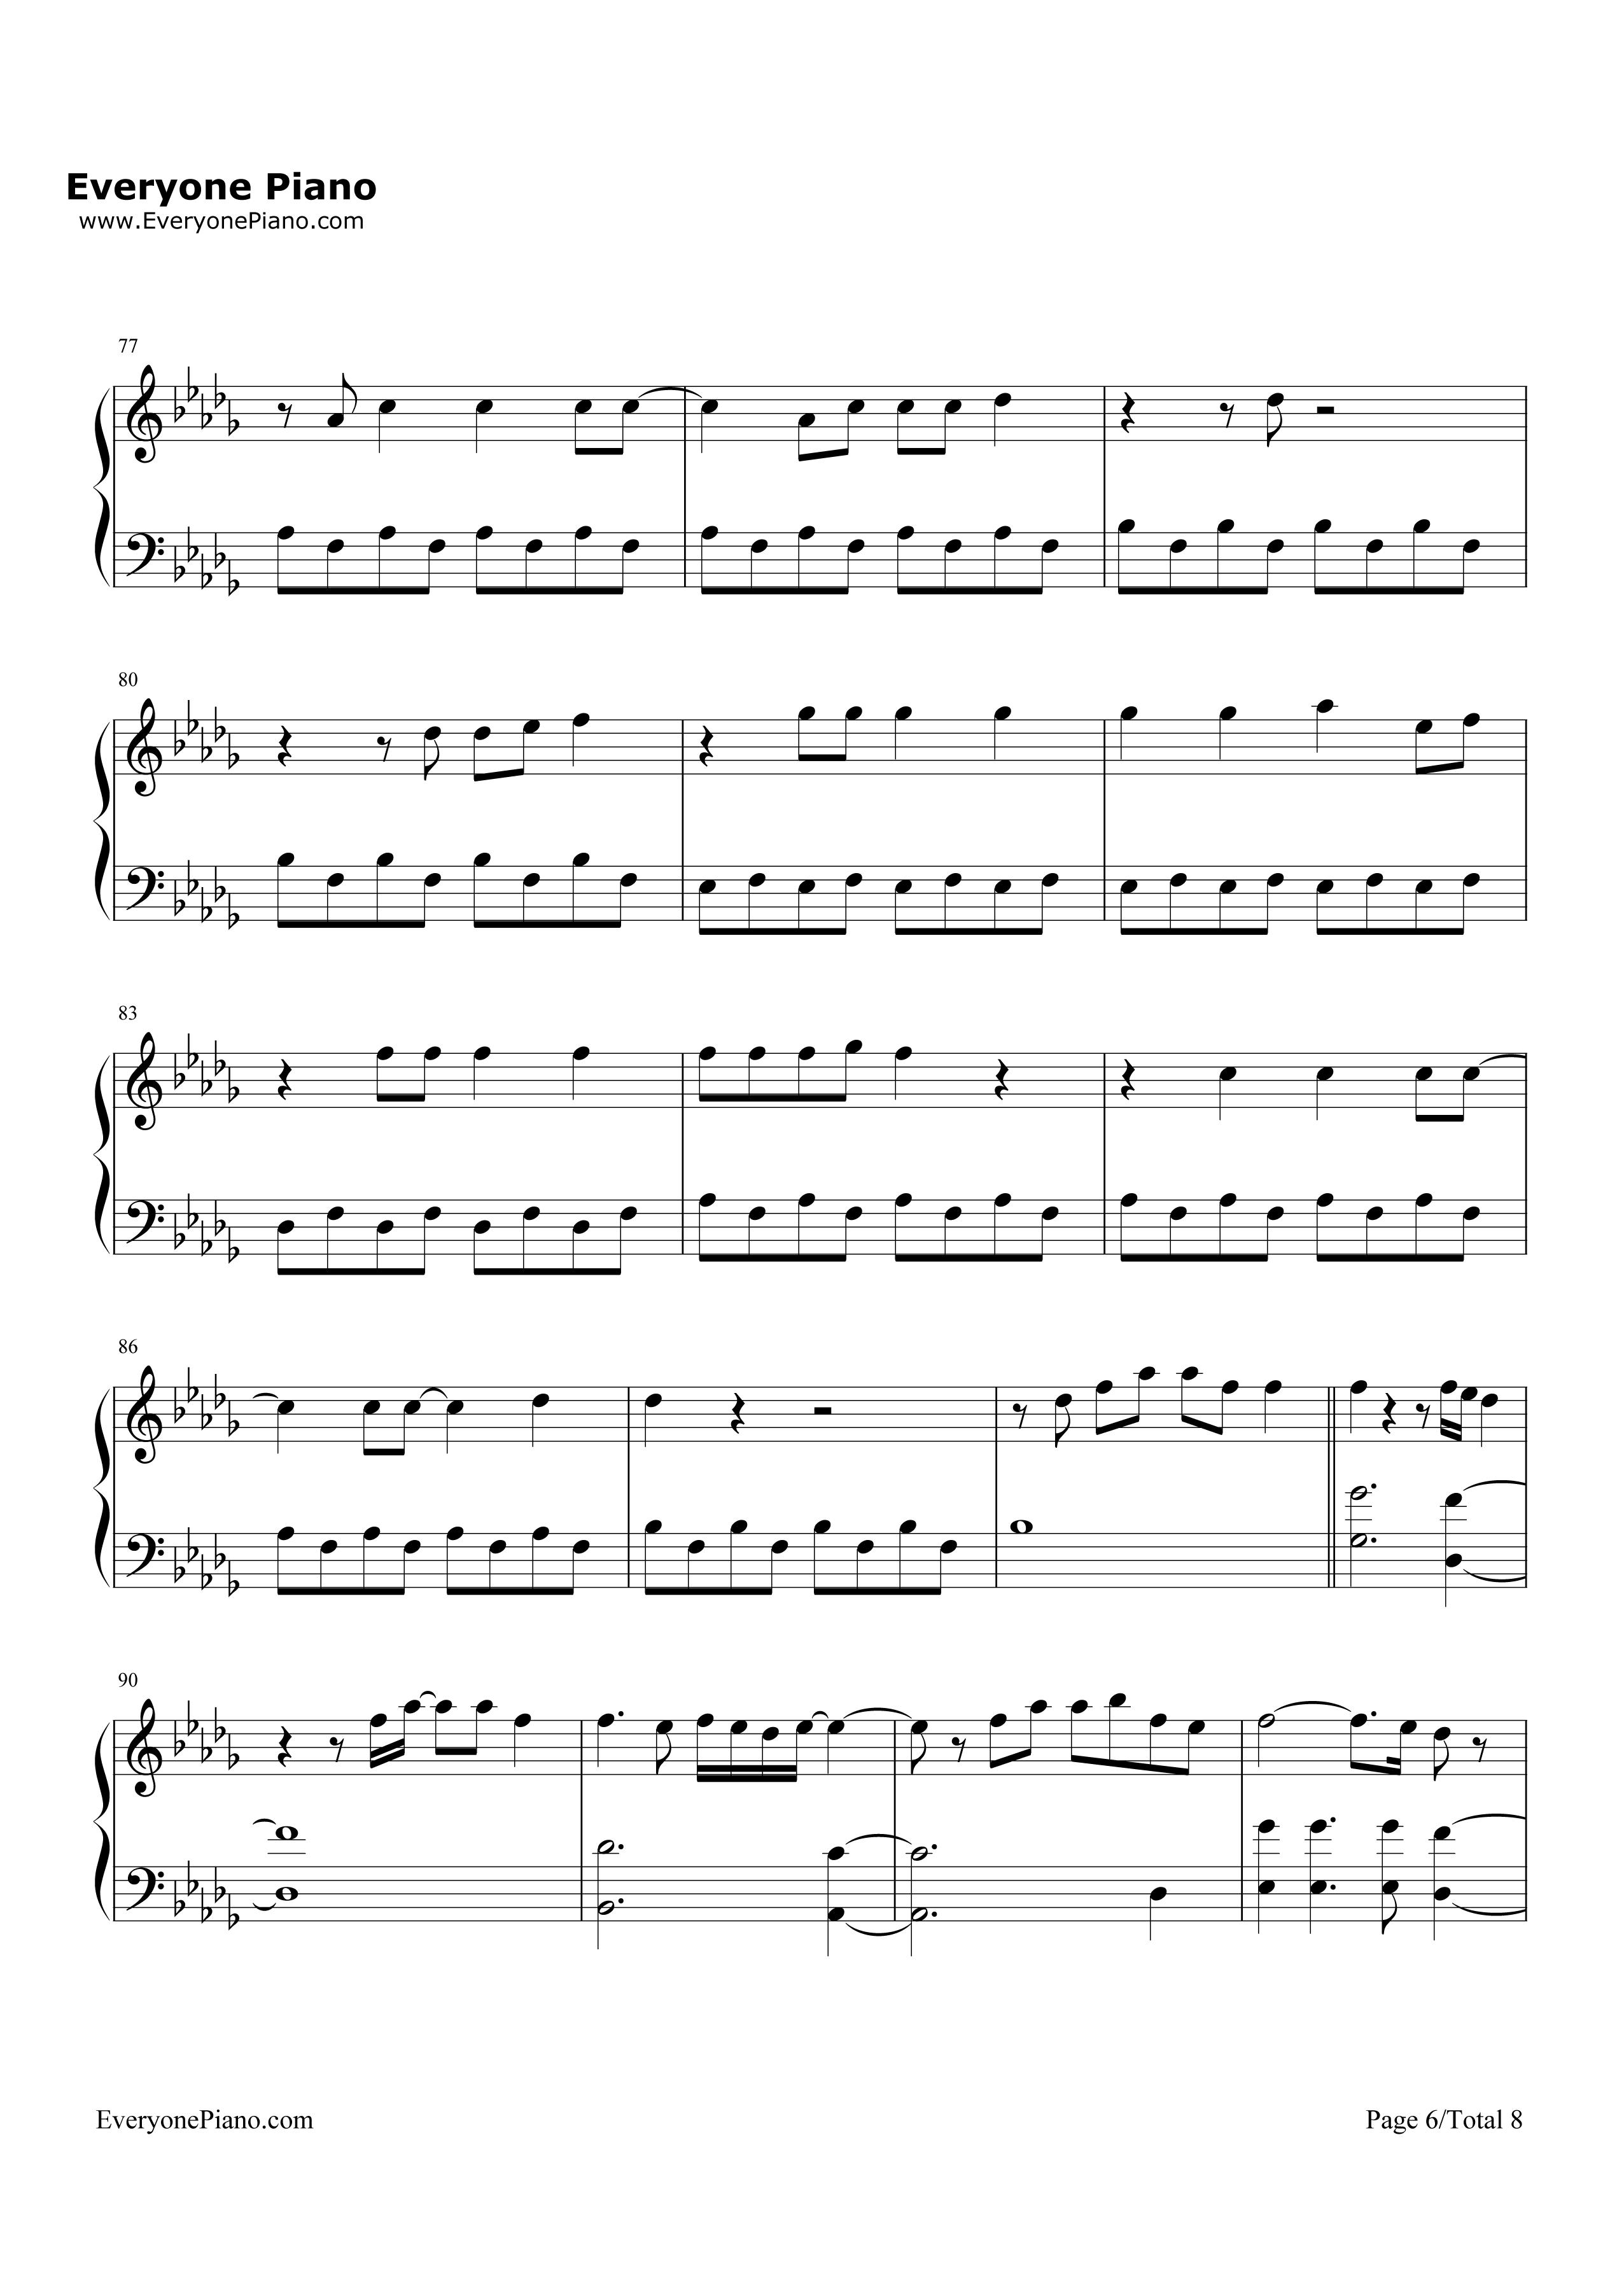 青春 练手钢琴曲谱-五线谱预览6 钢琴谱档 五线谱 双手简谱 数位谱 Midi PDF 免费下载